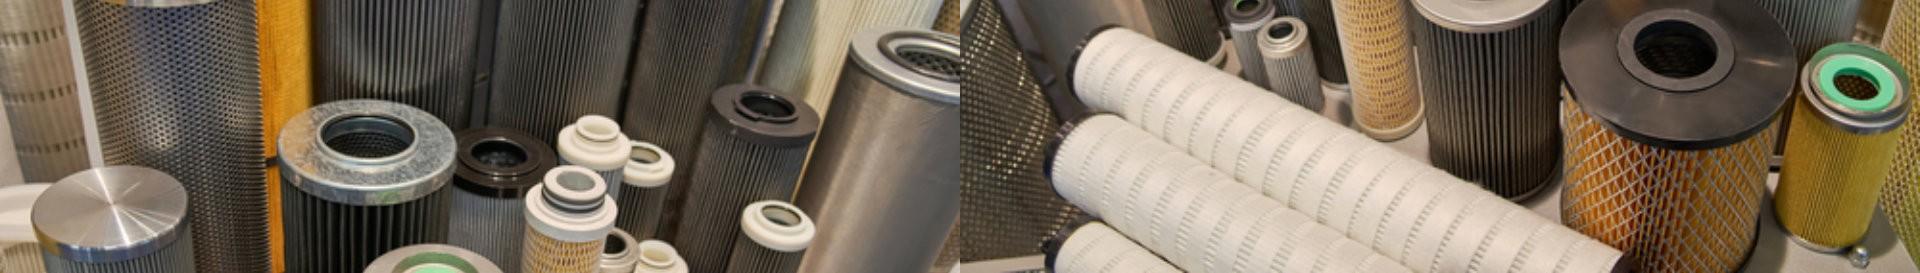 Bauma-Ersatzt-Filter-Kopfbild_breit